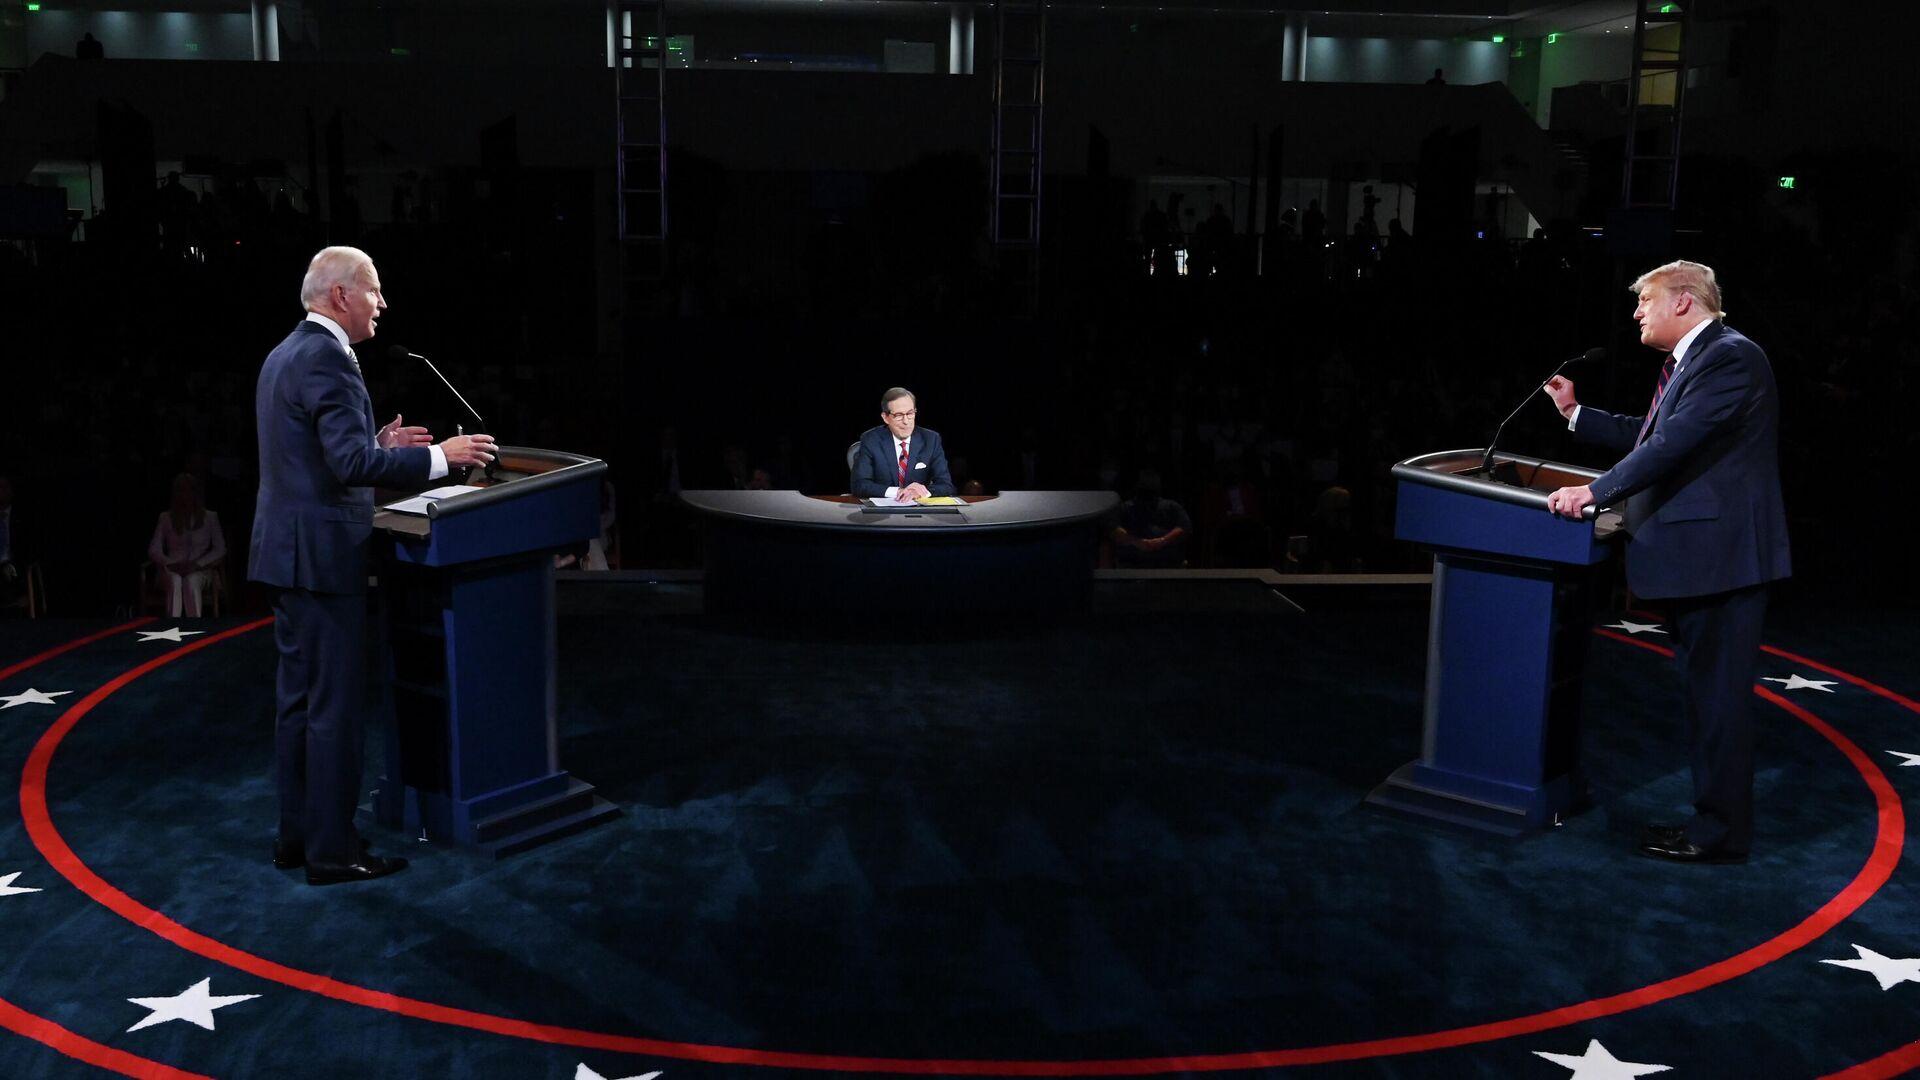 Дебаты Дональда Трампа и Джо Байдена в Кливленде, США  - РИА Новости, 1920, 30.09.2020